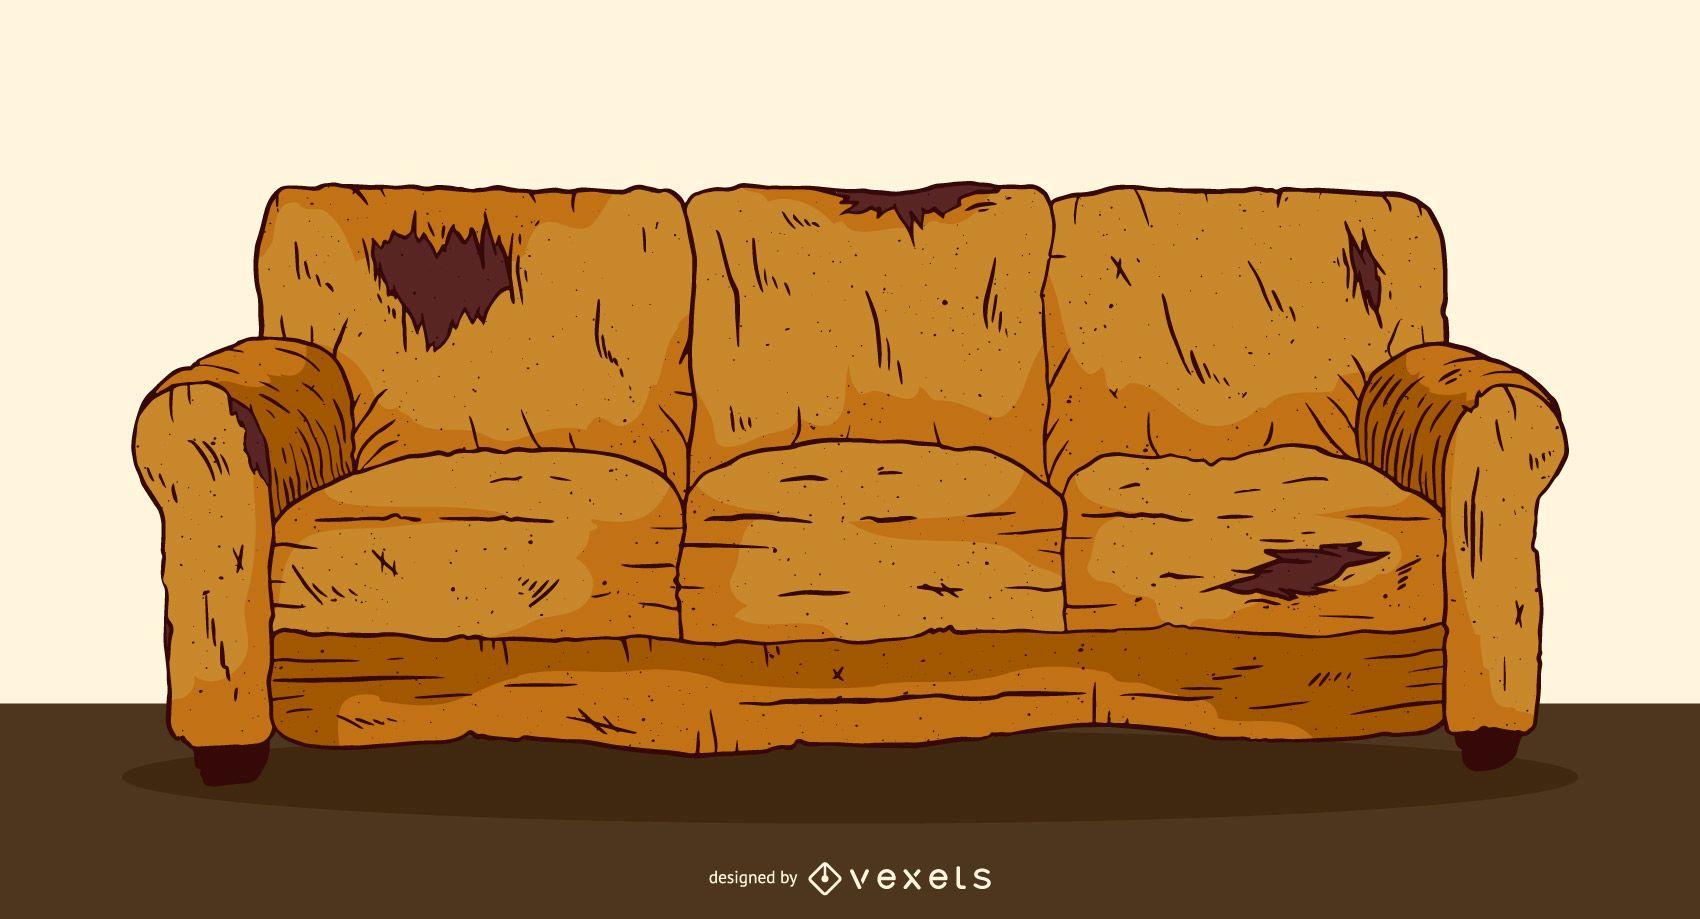 Ilustraci?n de sof? viejo desgastado